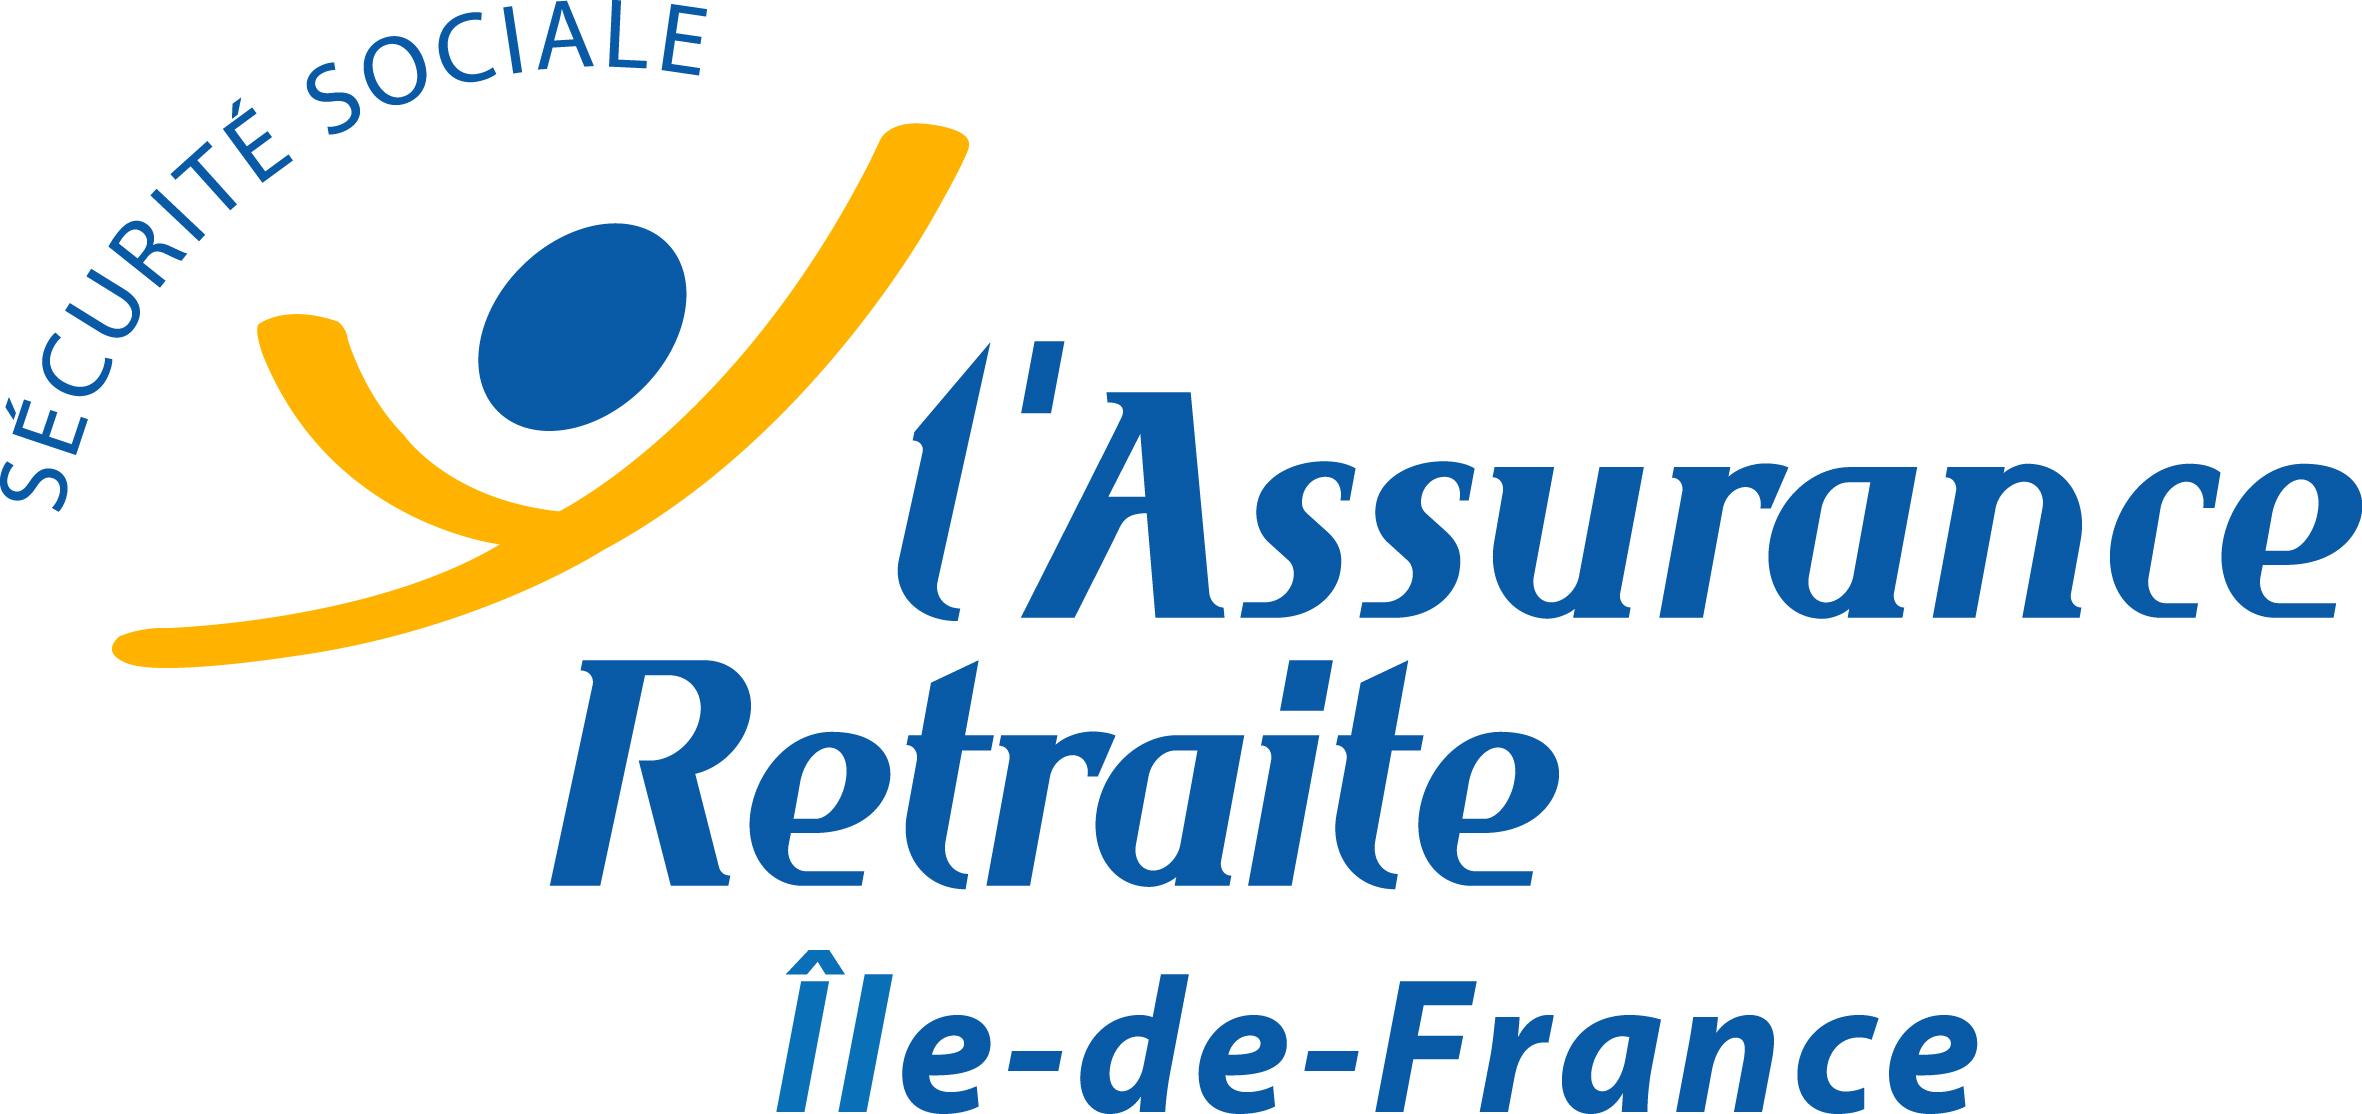 ASSURANCE RETRAITE ÎLE-DE-FRANCE